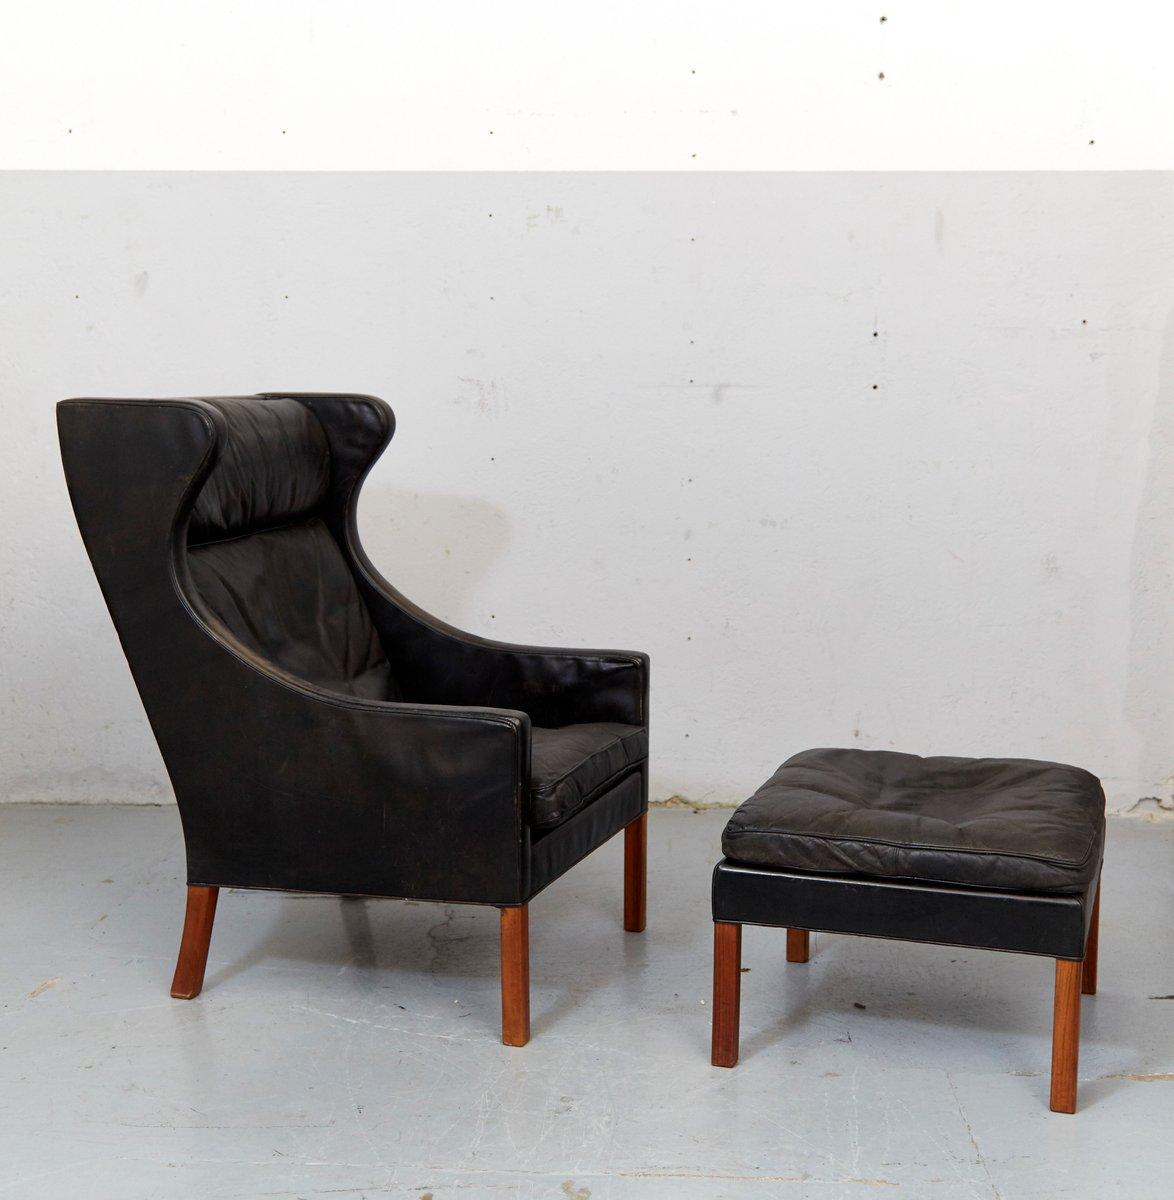 mid century modell 2204 ohrensessel ottomane von b rge mogensen f r fredericia bei pamono kaufen. Black Bedroom Furniture Sets. Home Design Ideas